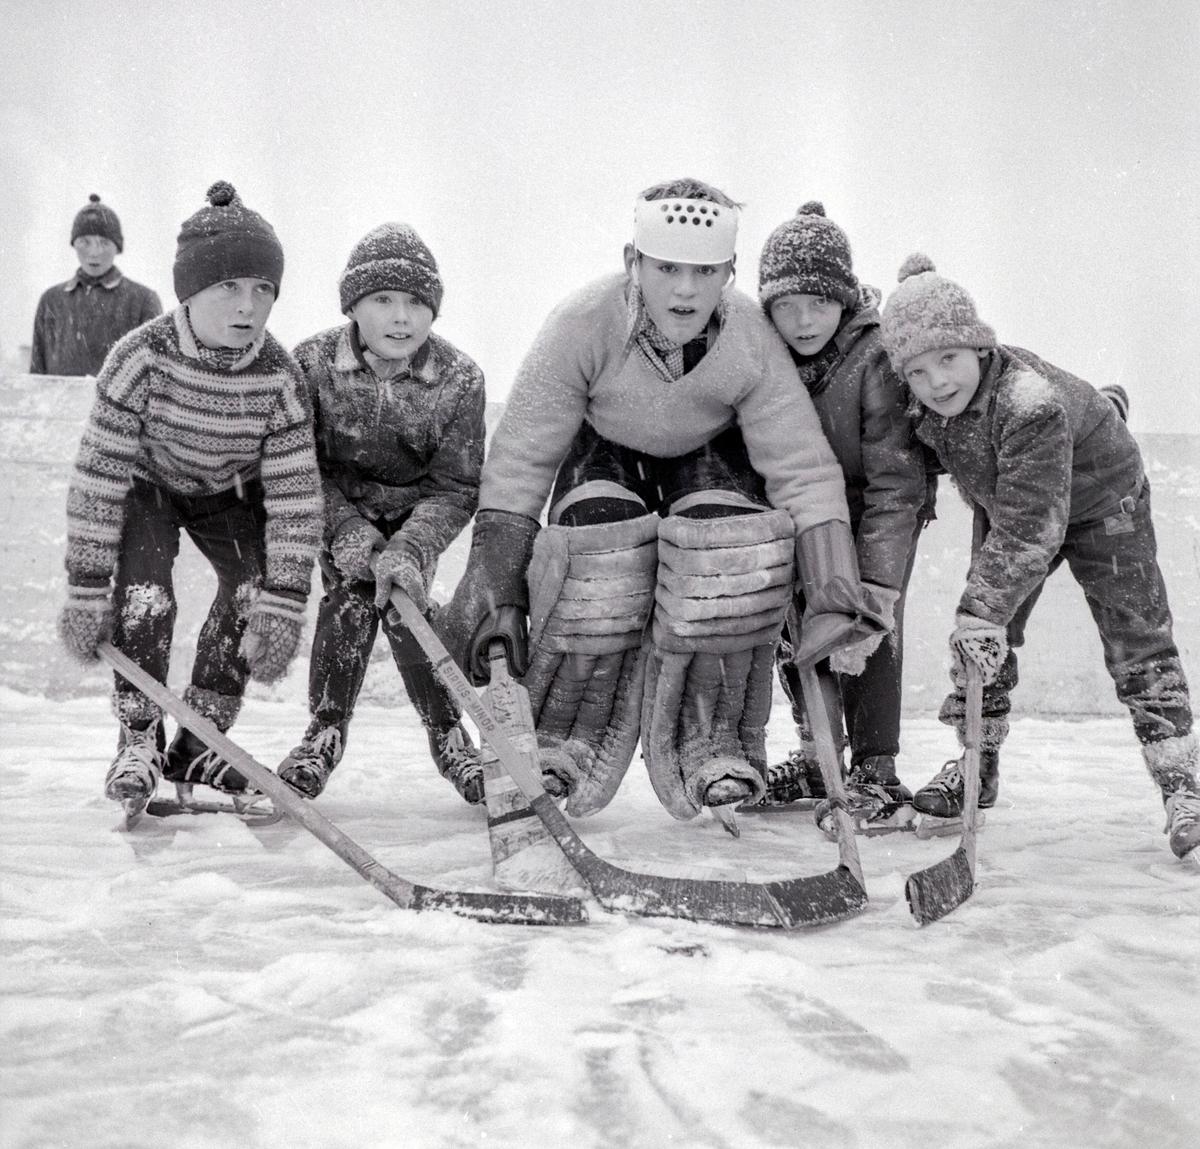 Ishockey, Storhamar. Barn med skøyter.